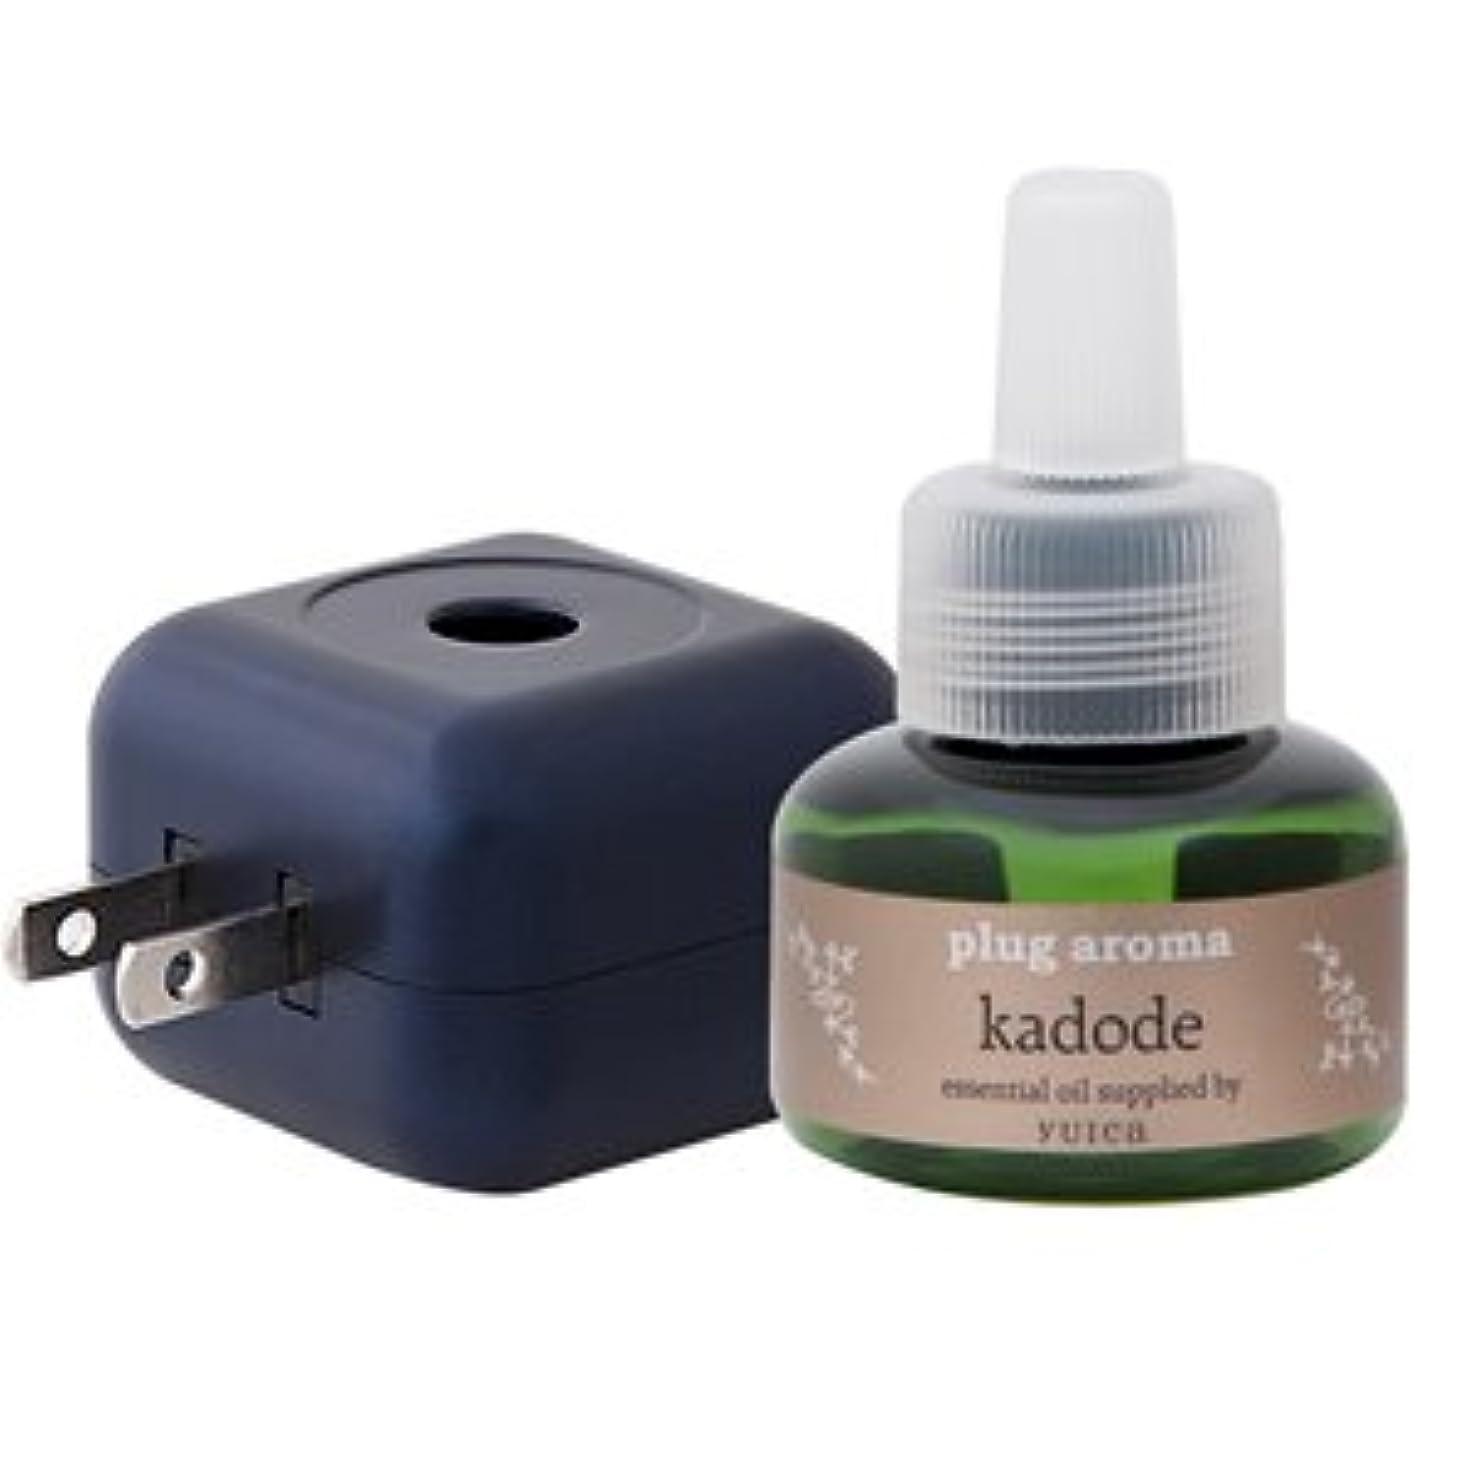 ログ家族寄付するplug aroma kadode 門出 SET 25ml